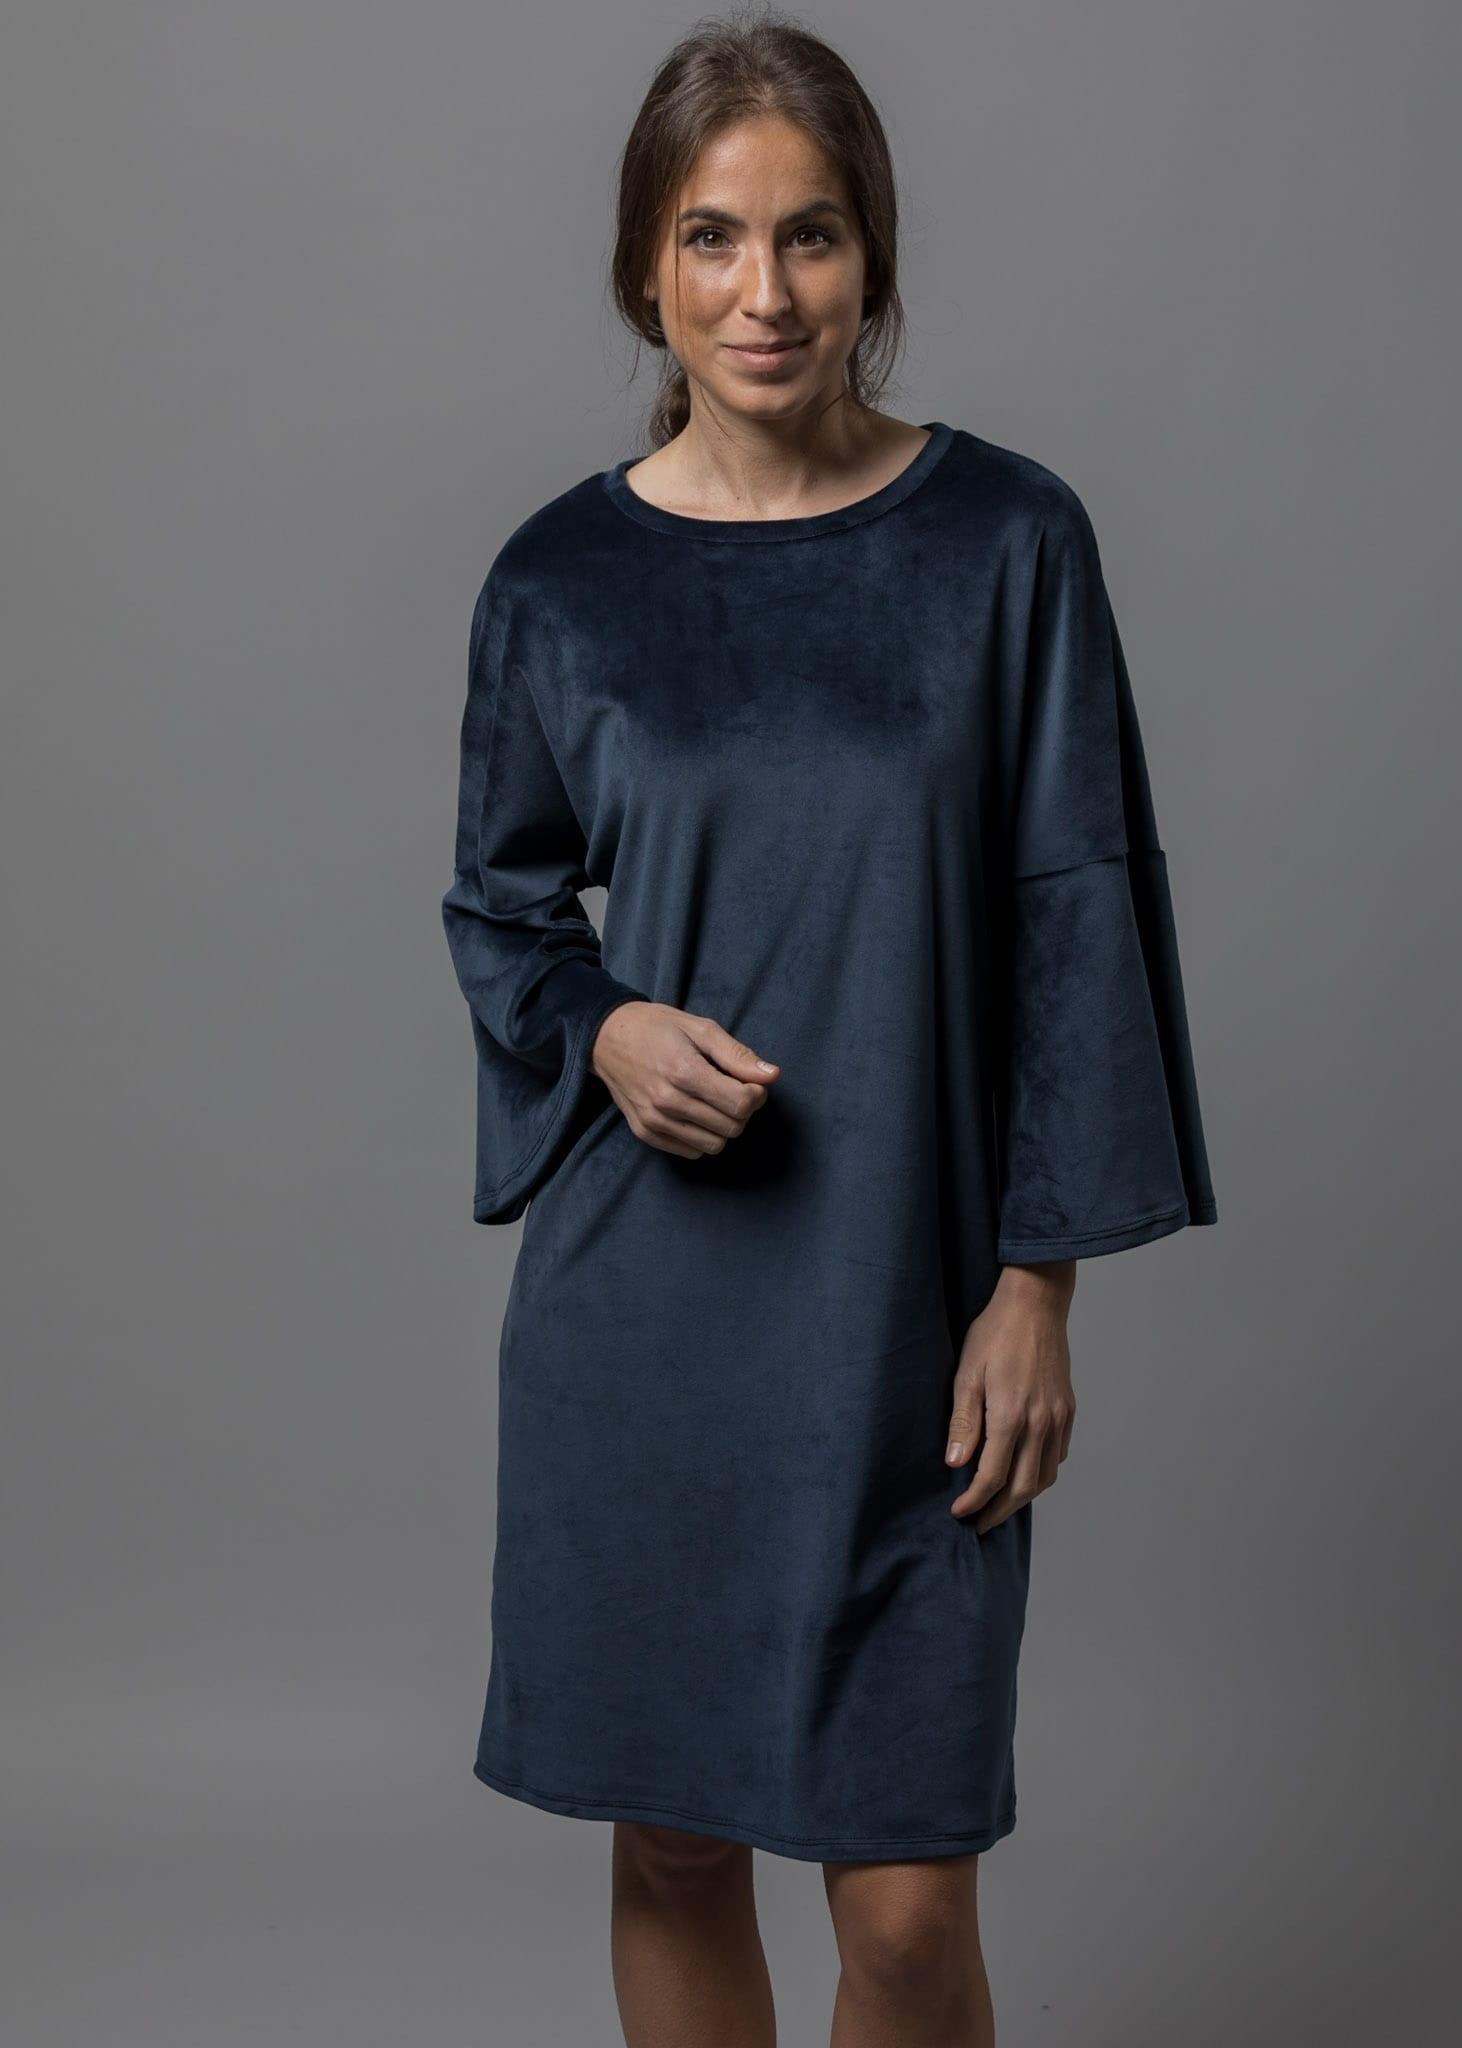 Samtkleid dunkelblau ein Kuschelkleid von Connemara